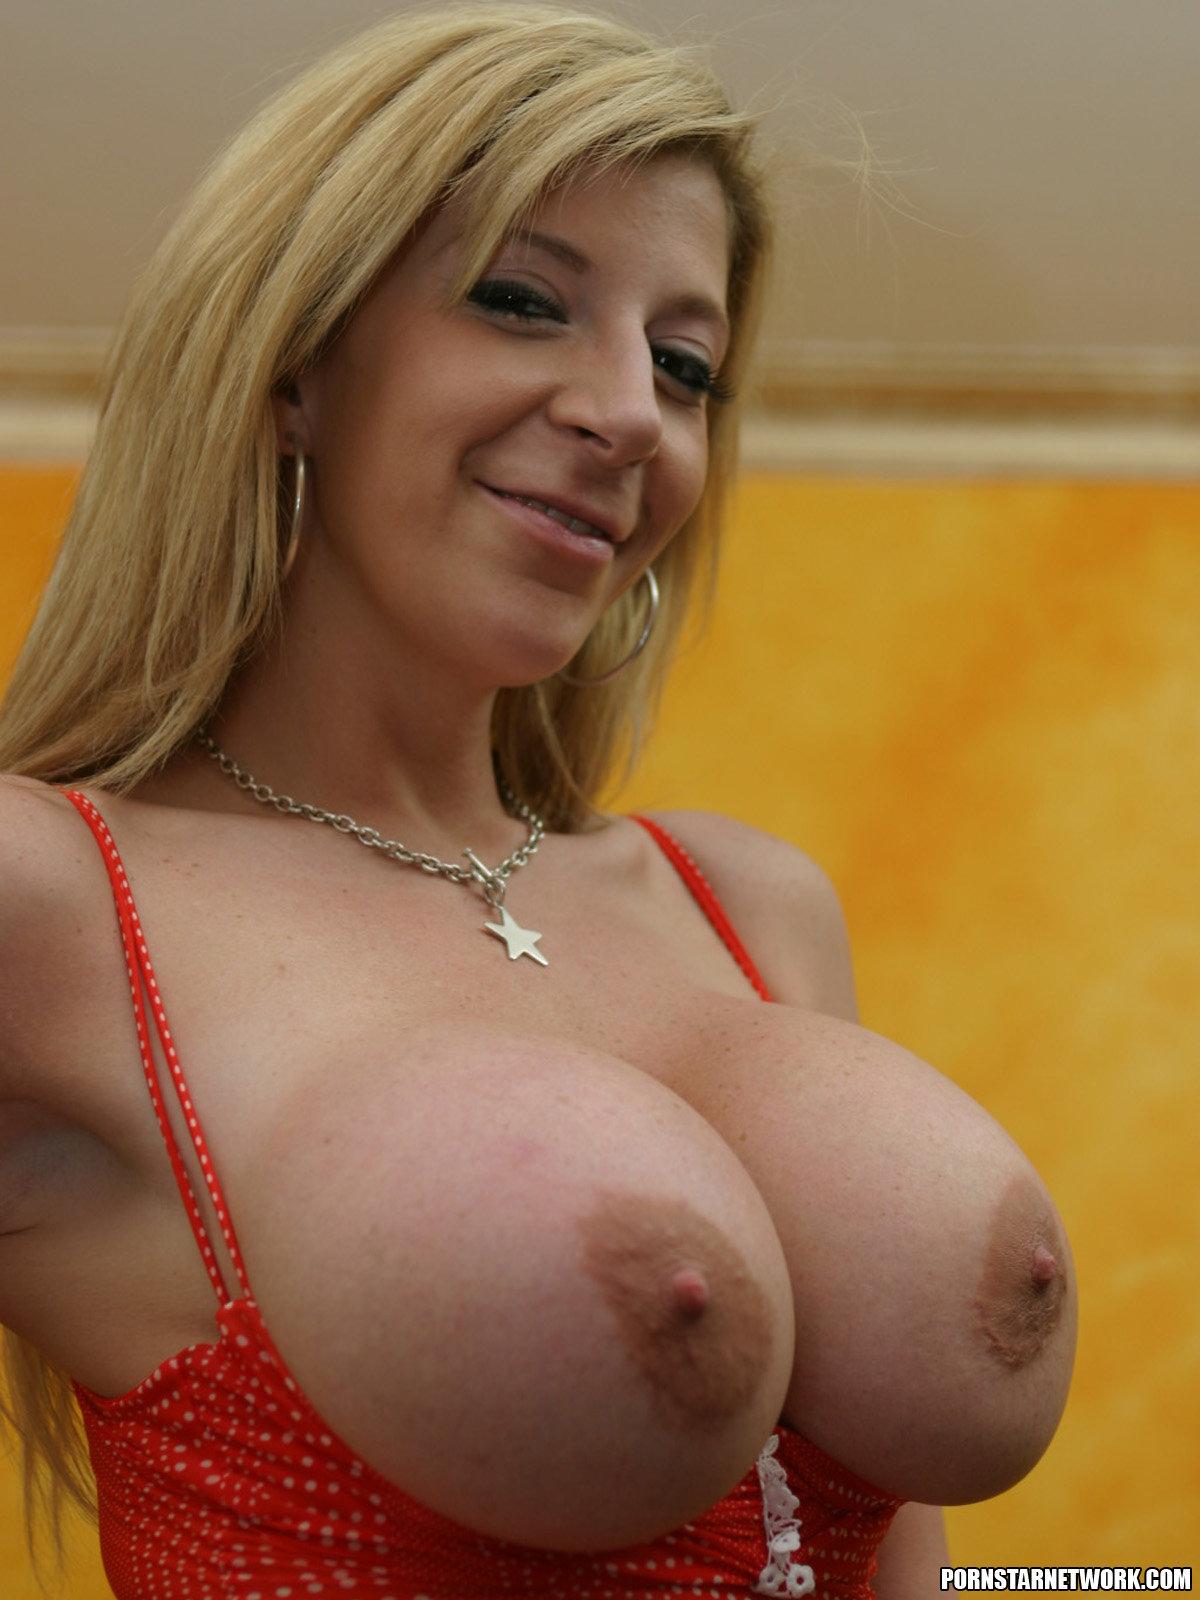 Big Tit MILF Sara Jay Gets DP'd And Bukkake Facial 57859